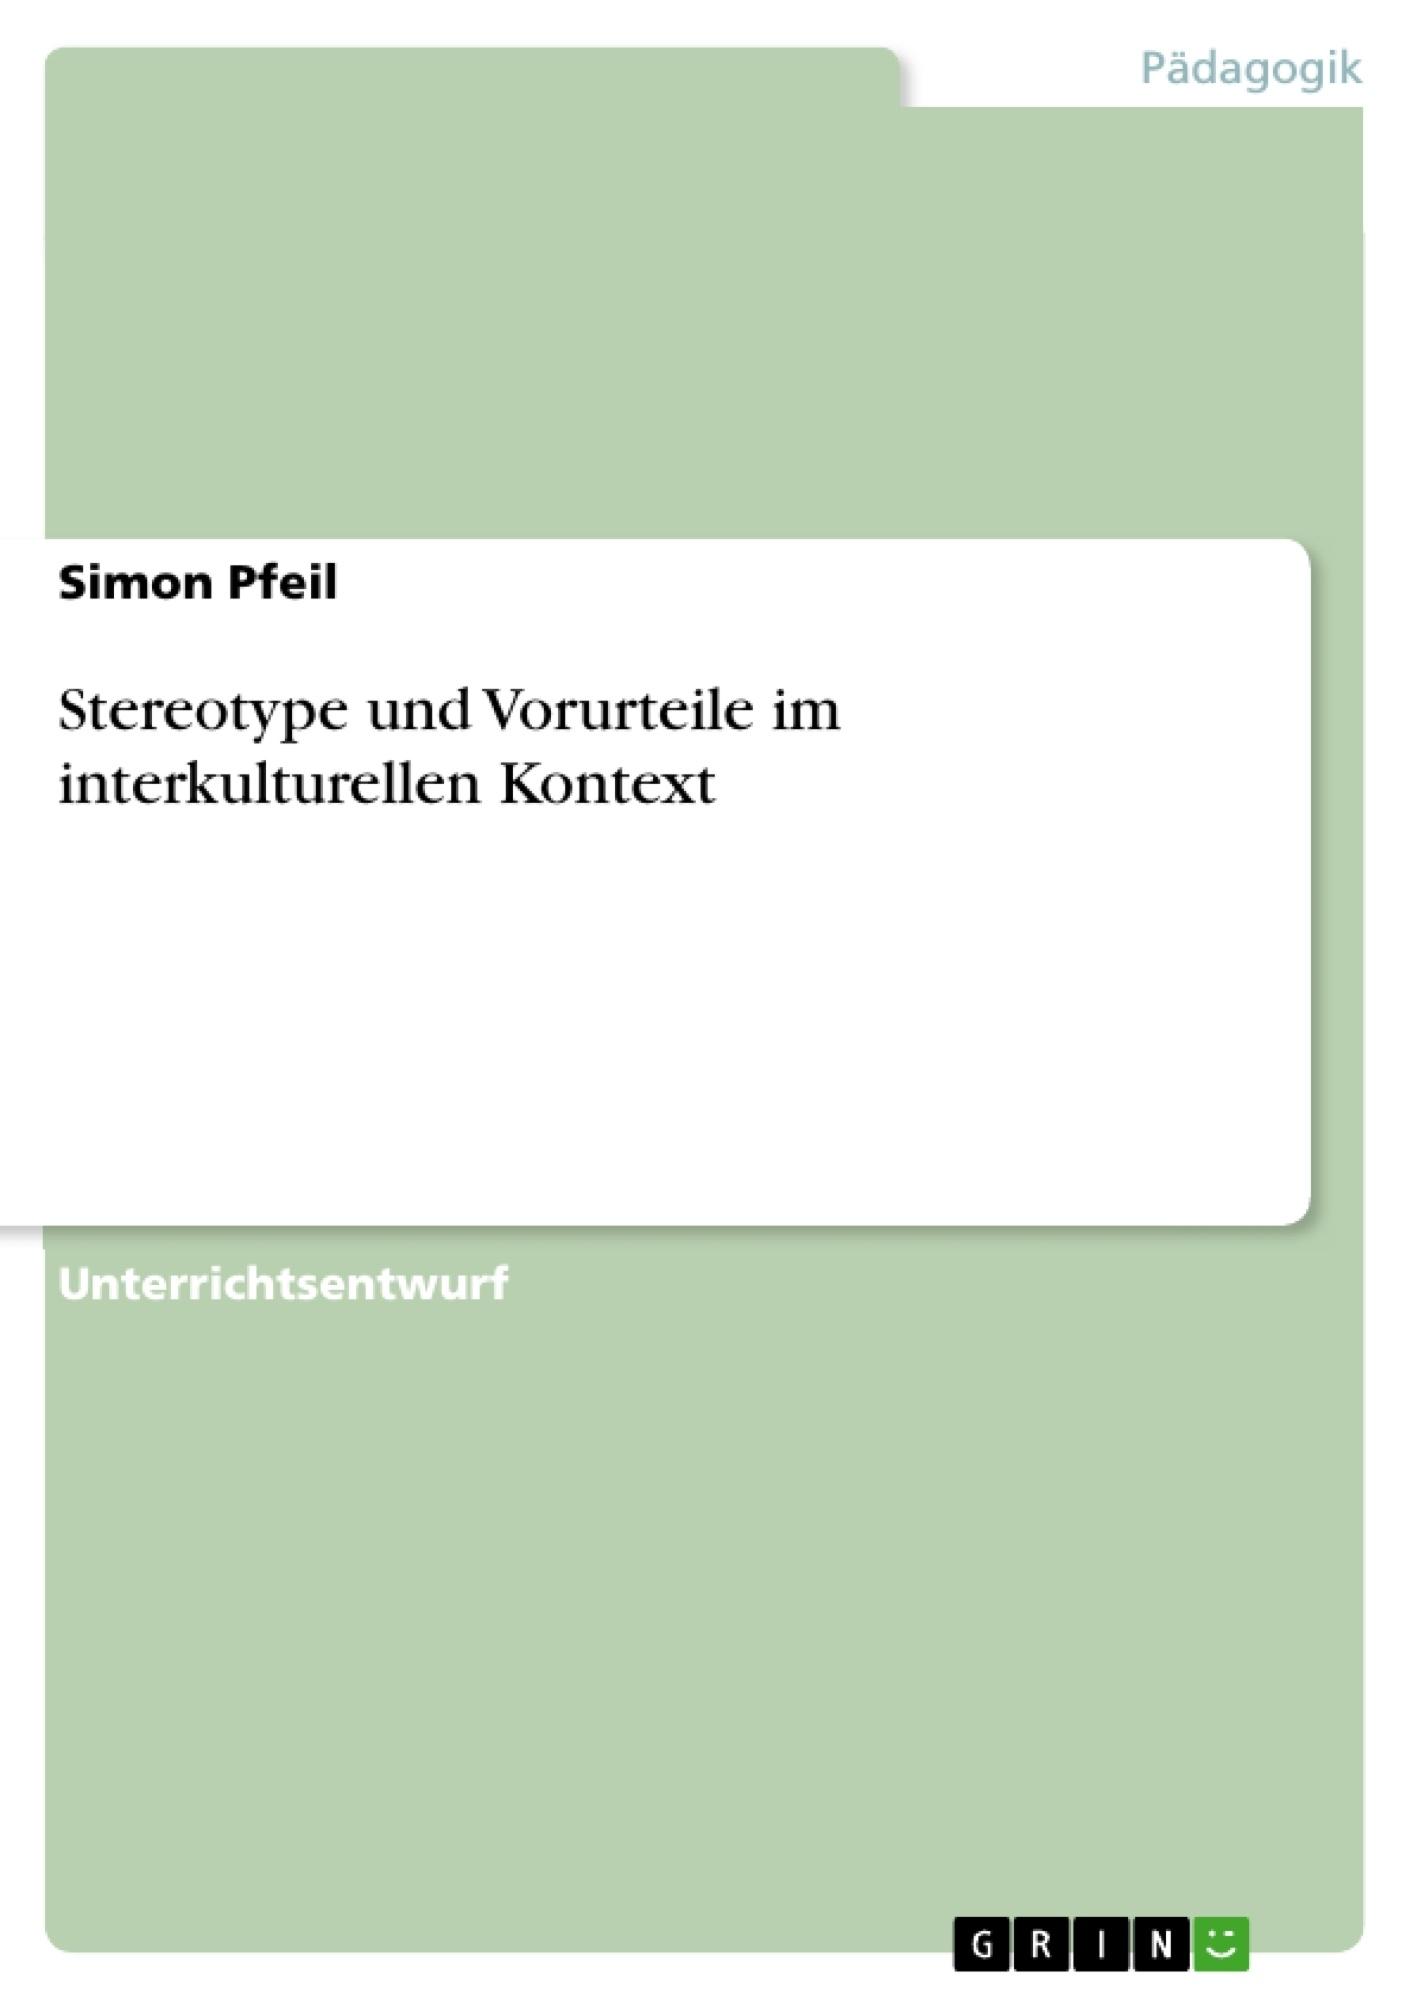 Titel: Stereotype und Vorurteile im interkulturellen Kontext